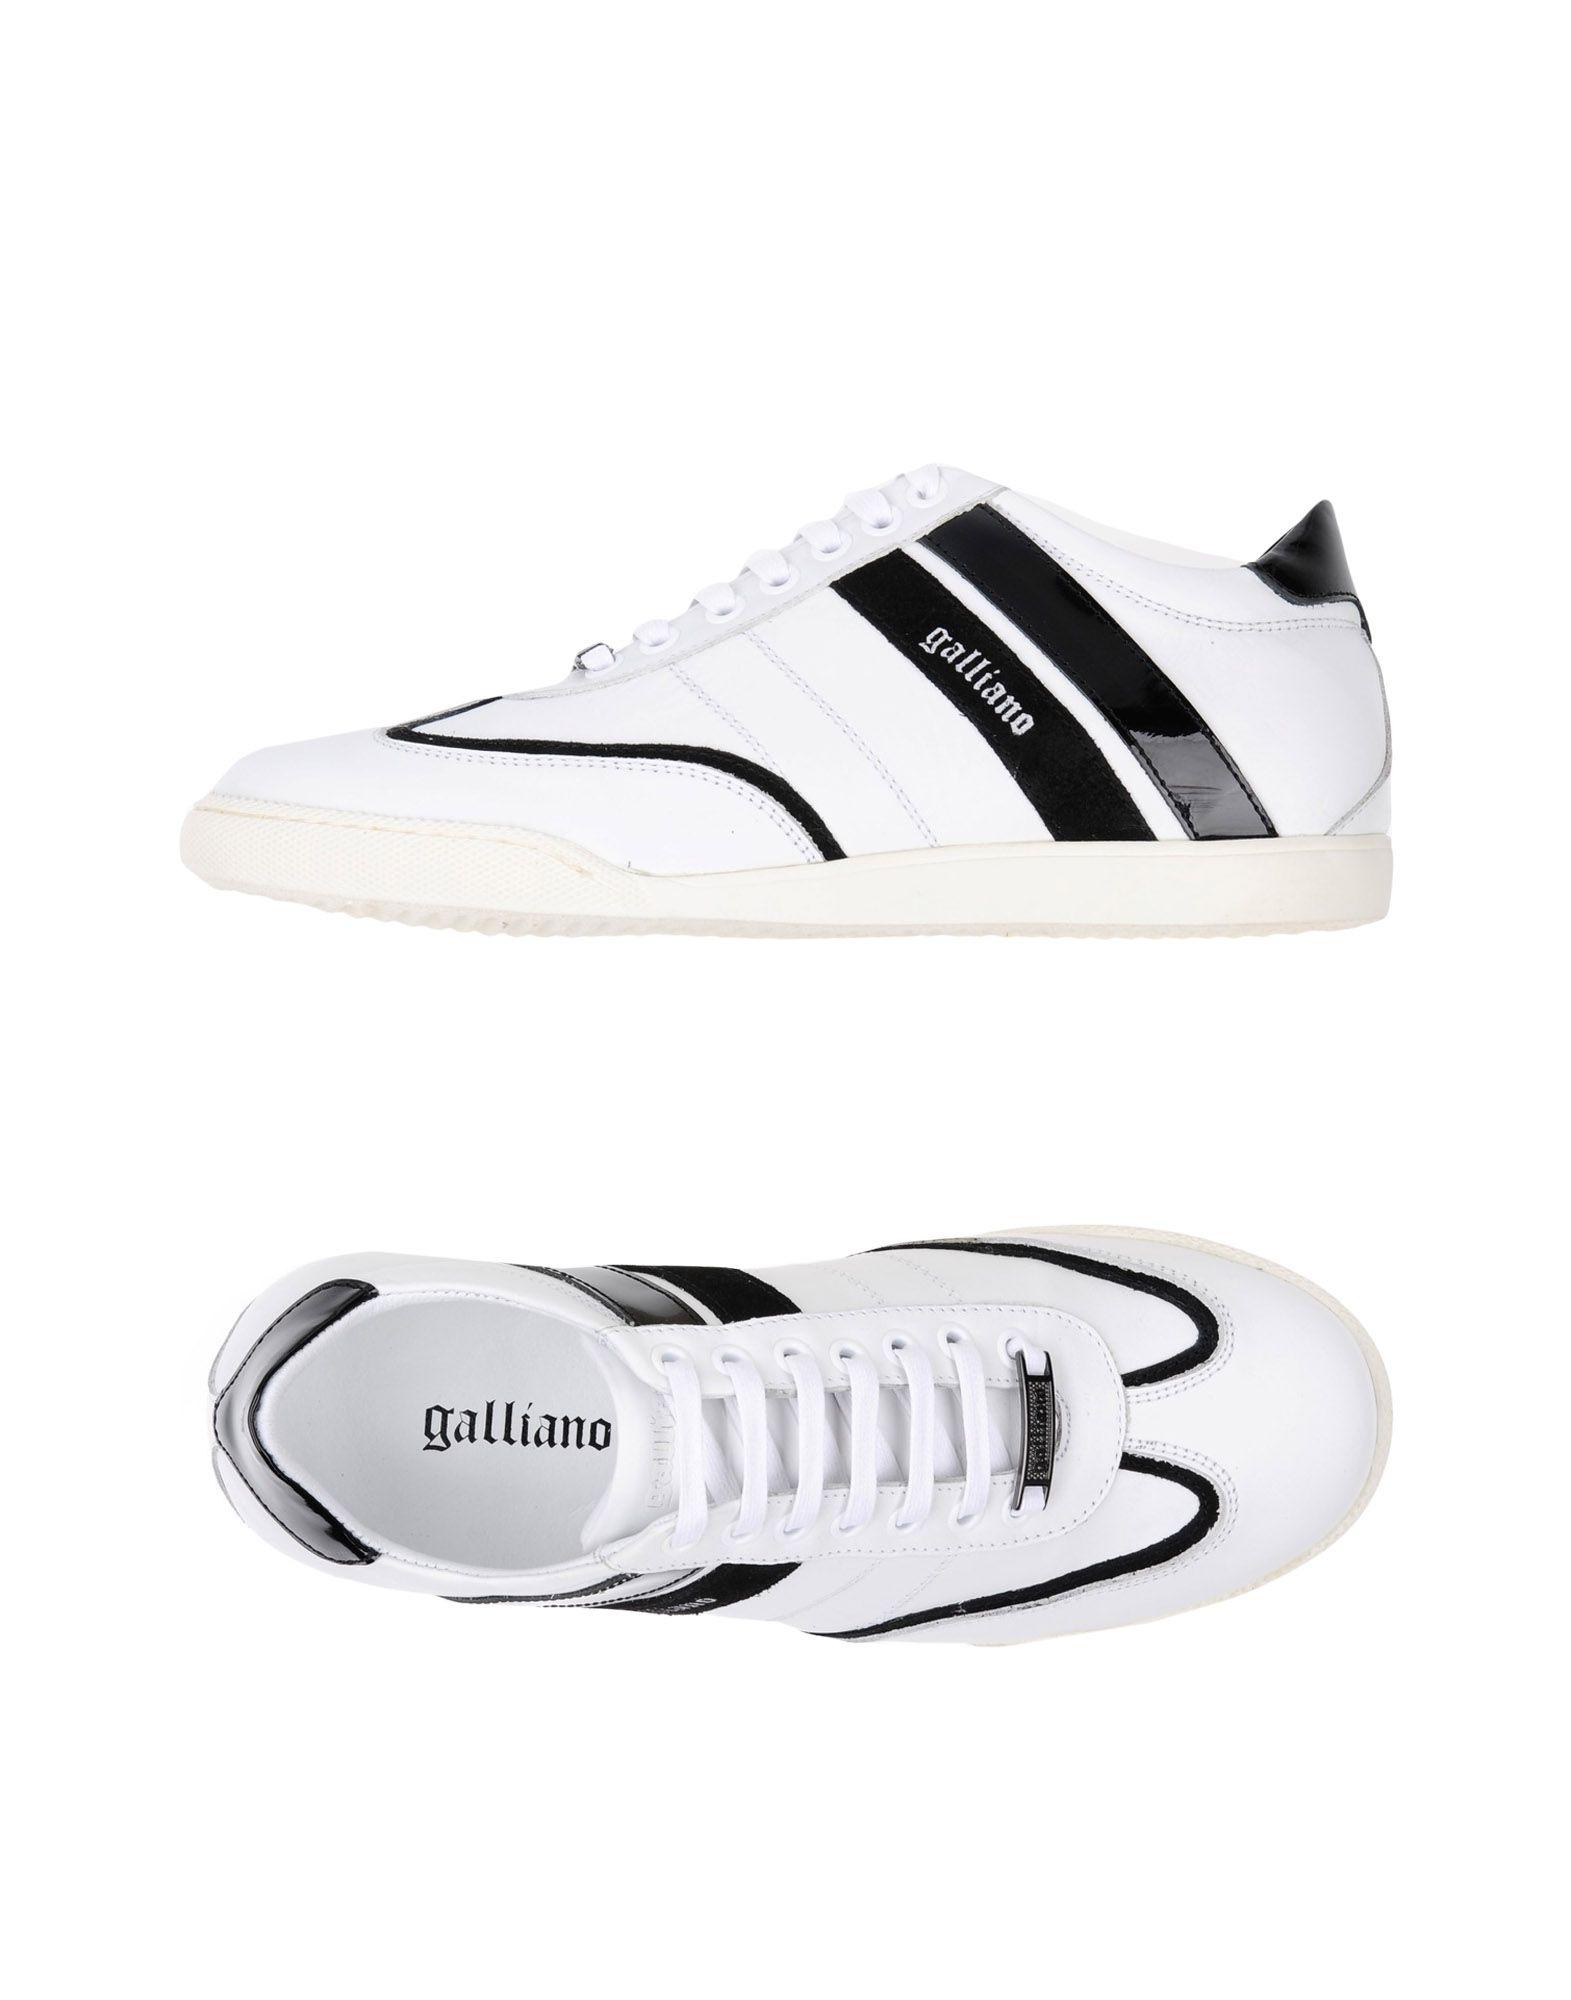 11336135DS Galliano Sneakers Herren  11336135DS  Heiße Schuhe b9b797